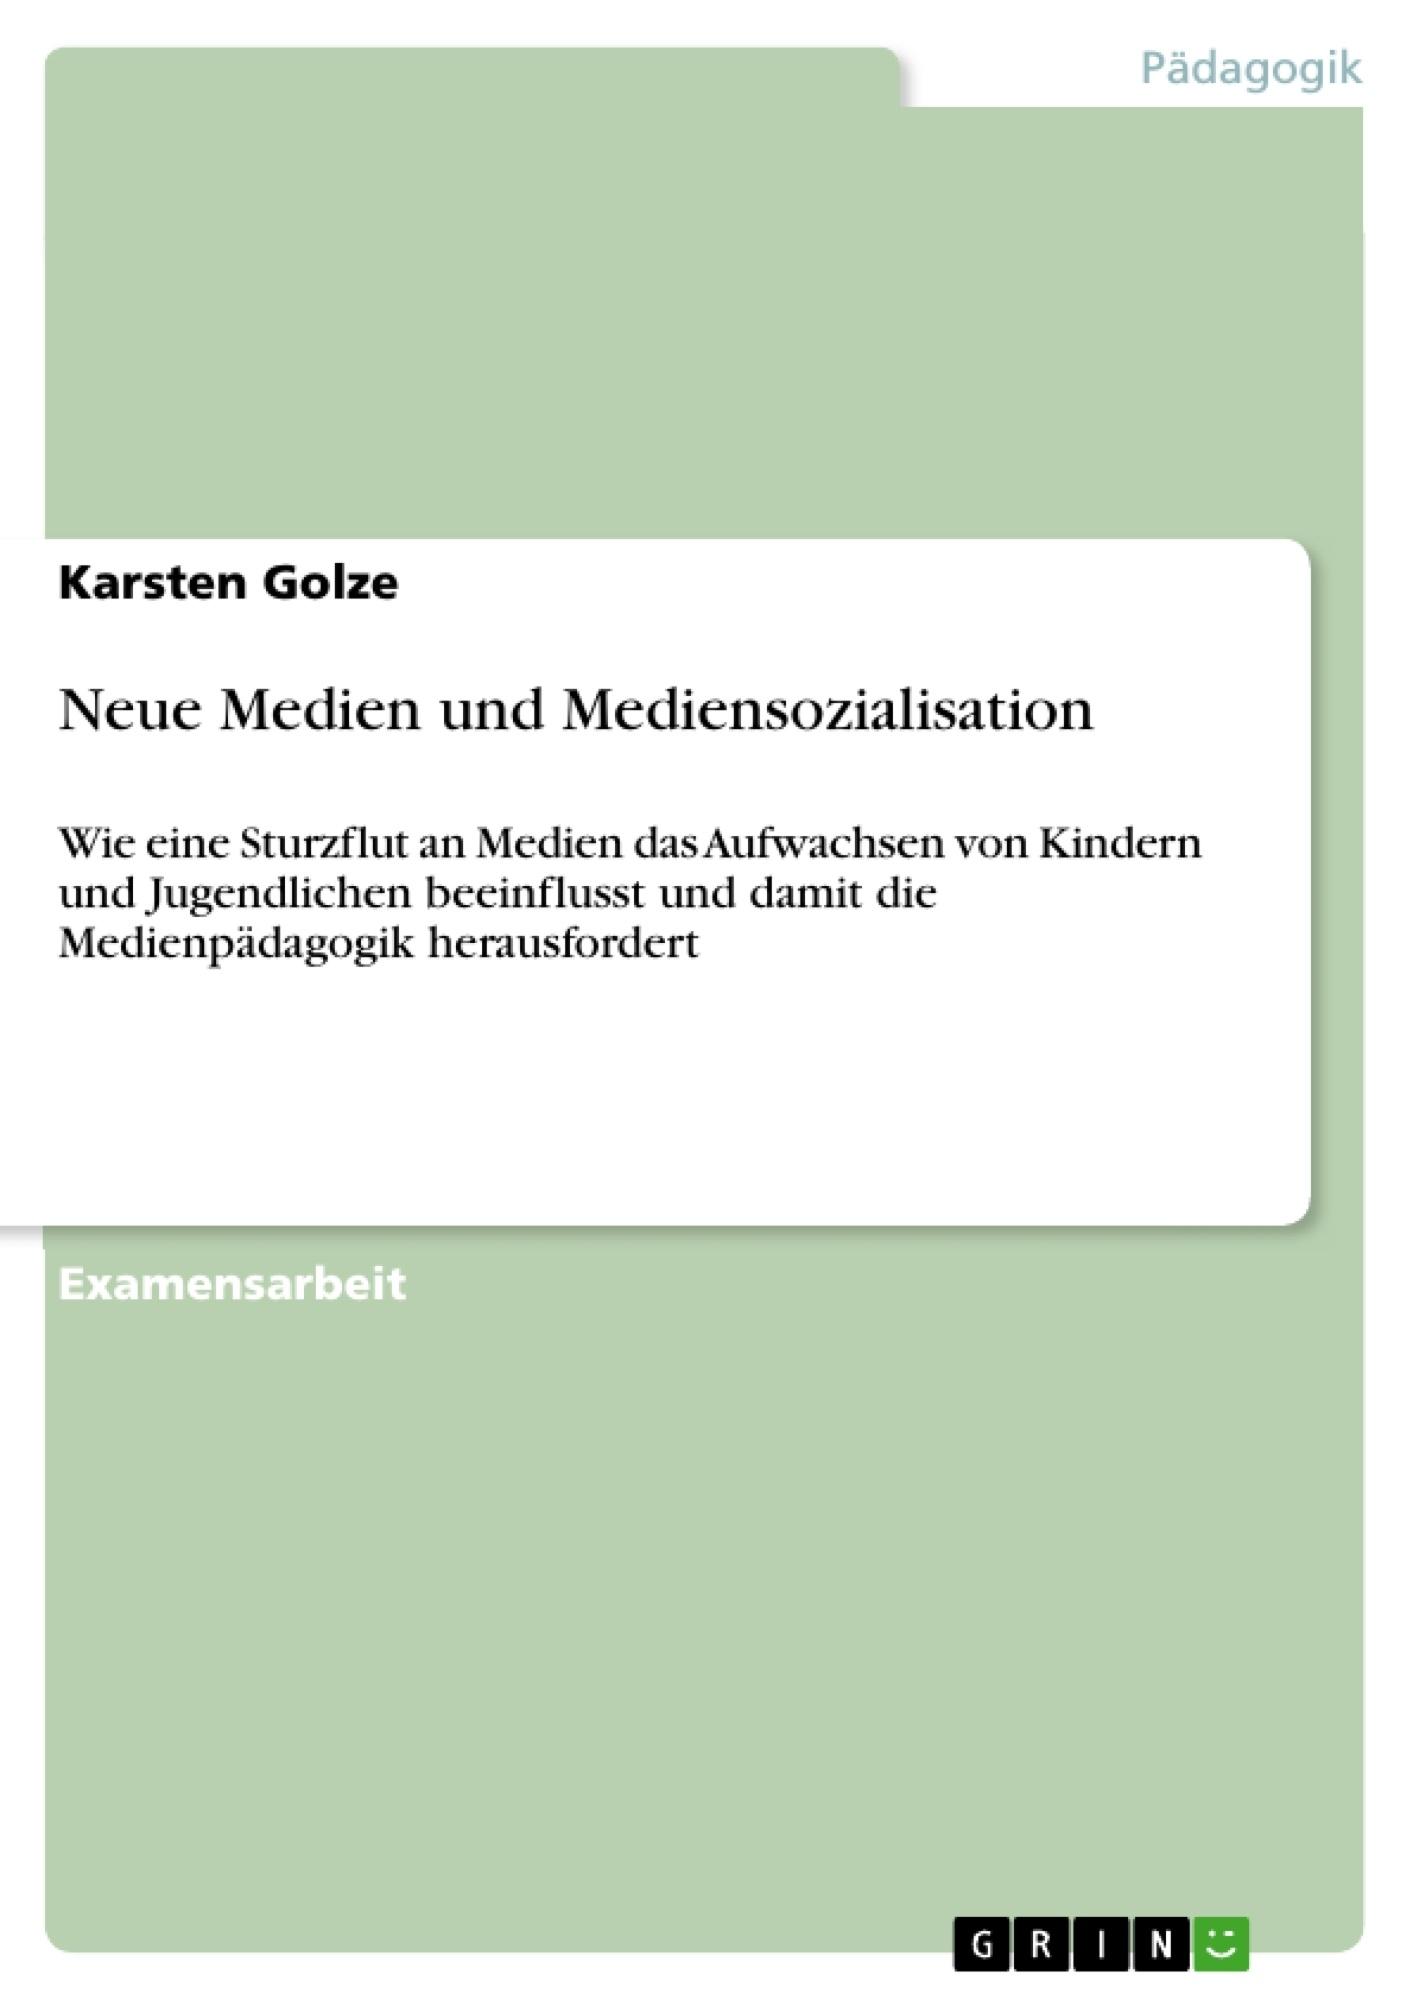 Titel: Neue Medien und Mediensozialisation